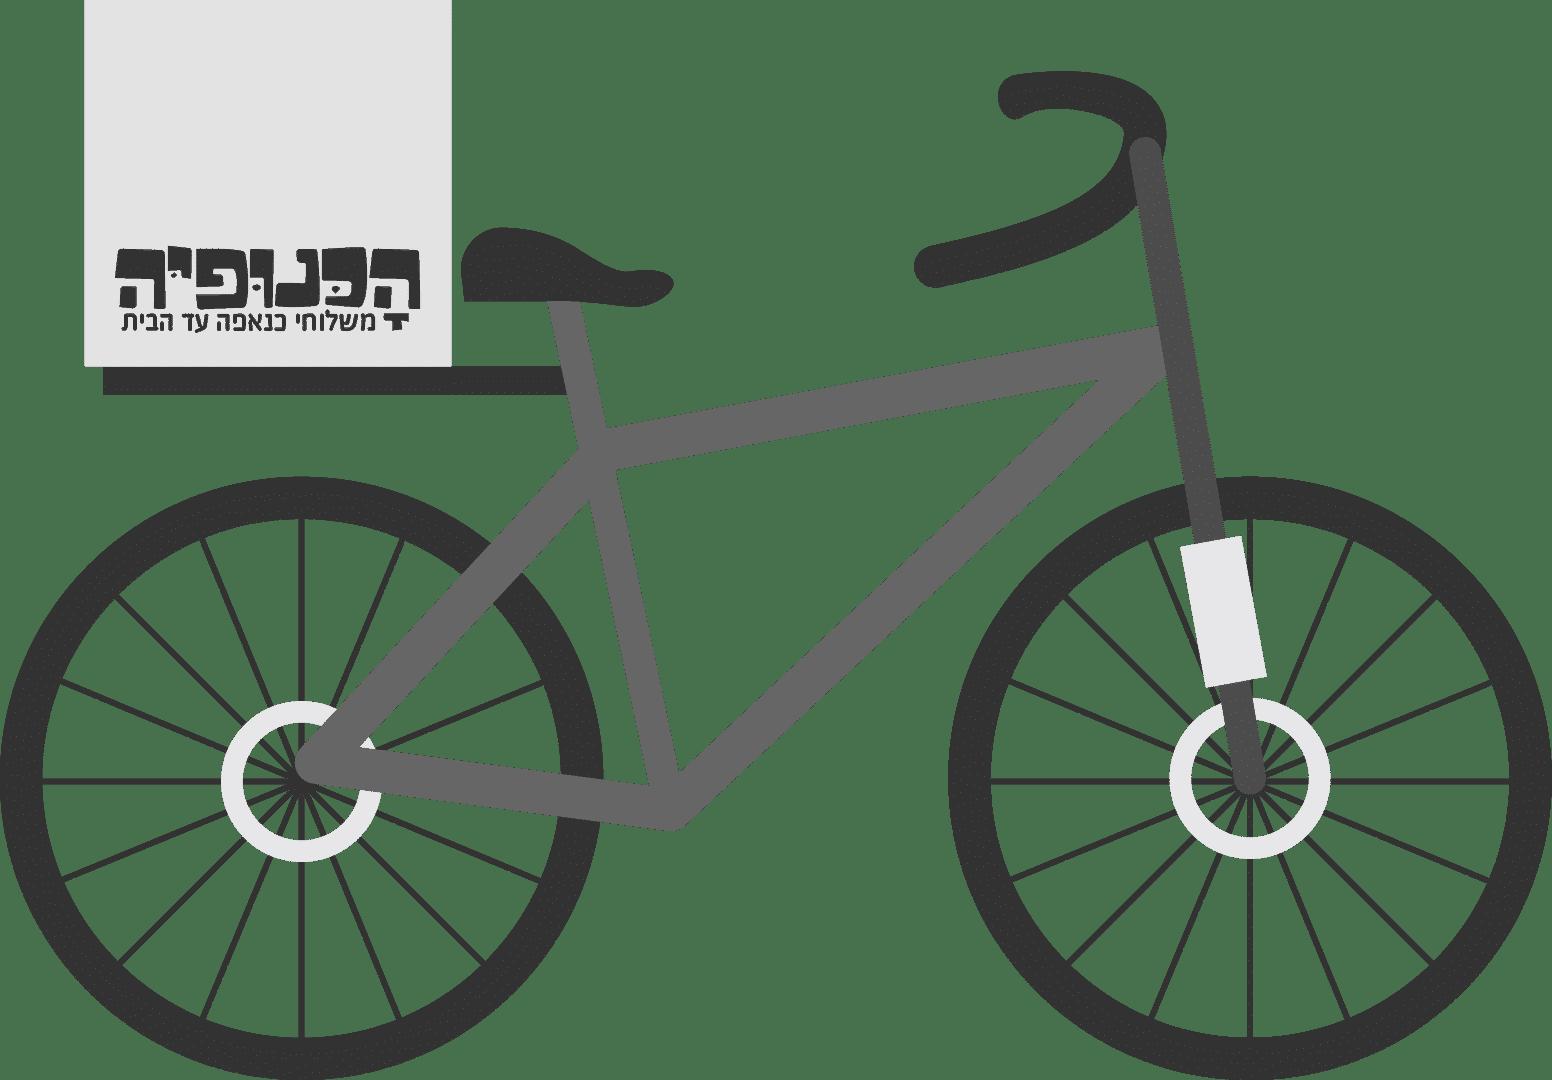 ״הכנופיה״ - כנאפה במשלוחים -איור של אופניים עם ארגז משלוחים